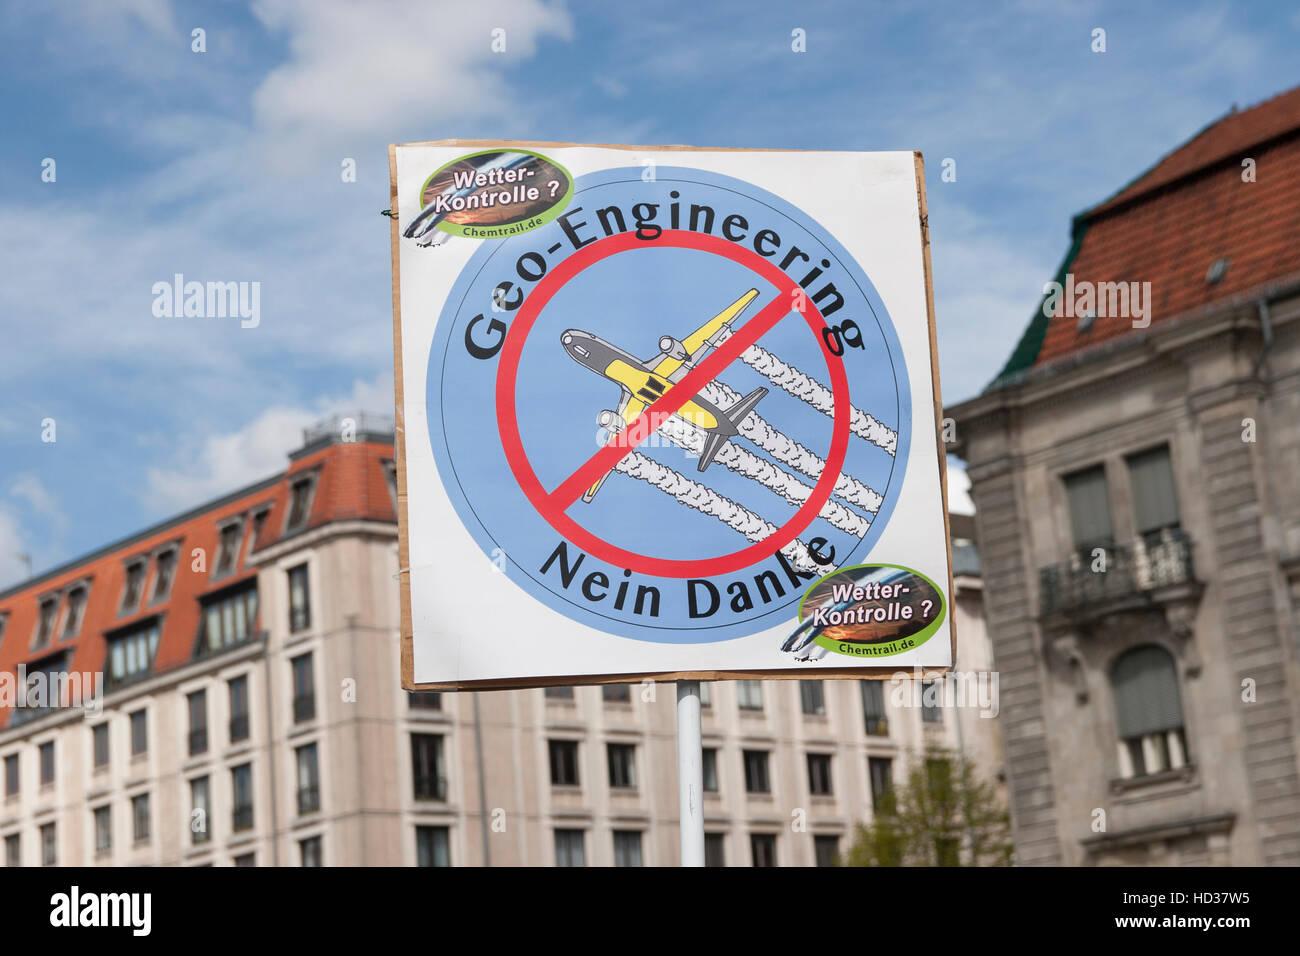 Global march against Geoengineering. Berlin, Germany. Stock Photo